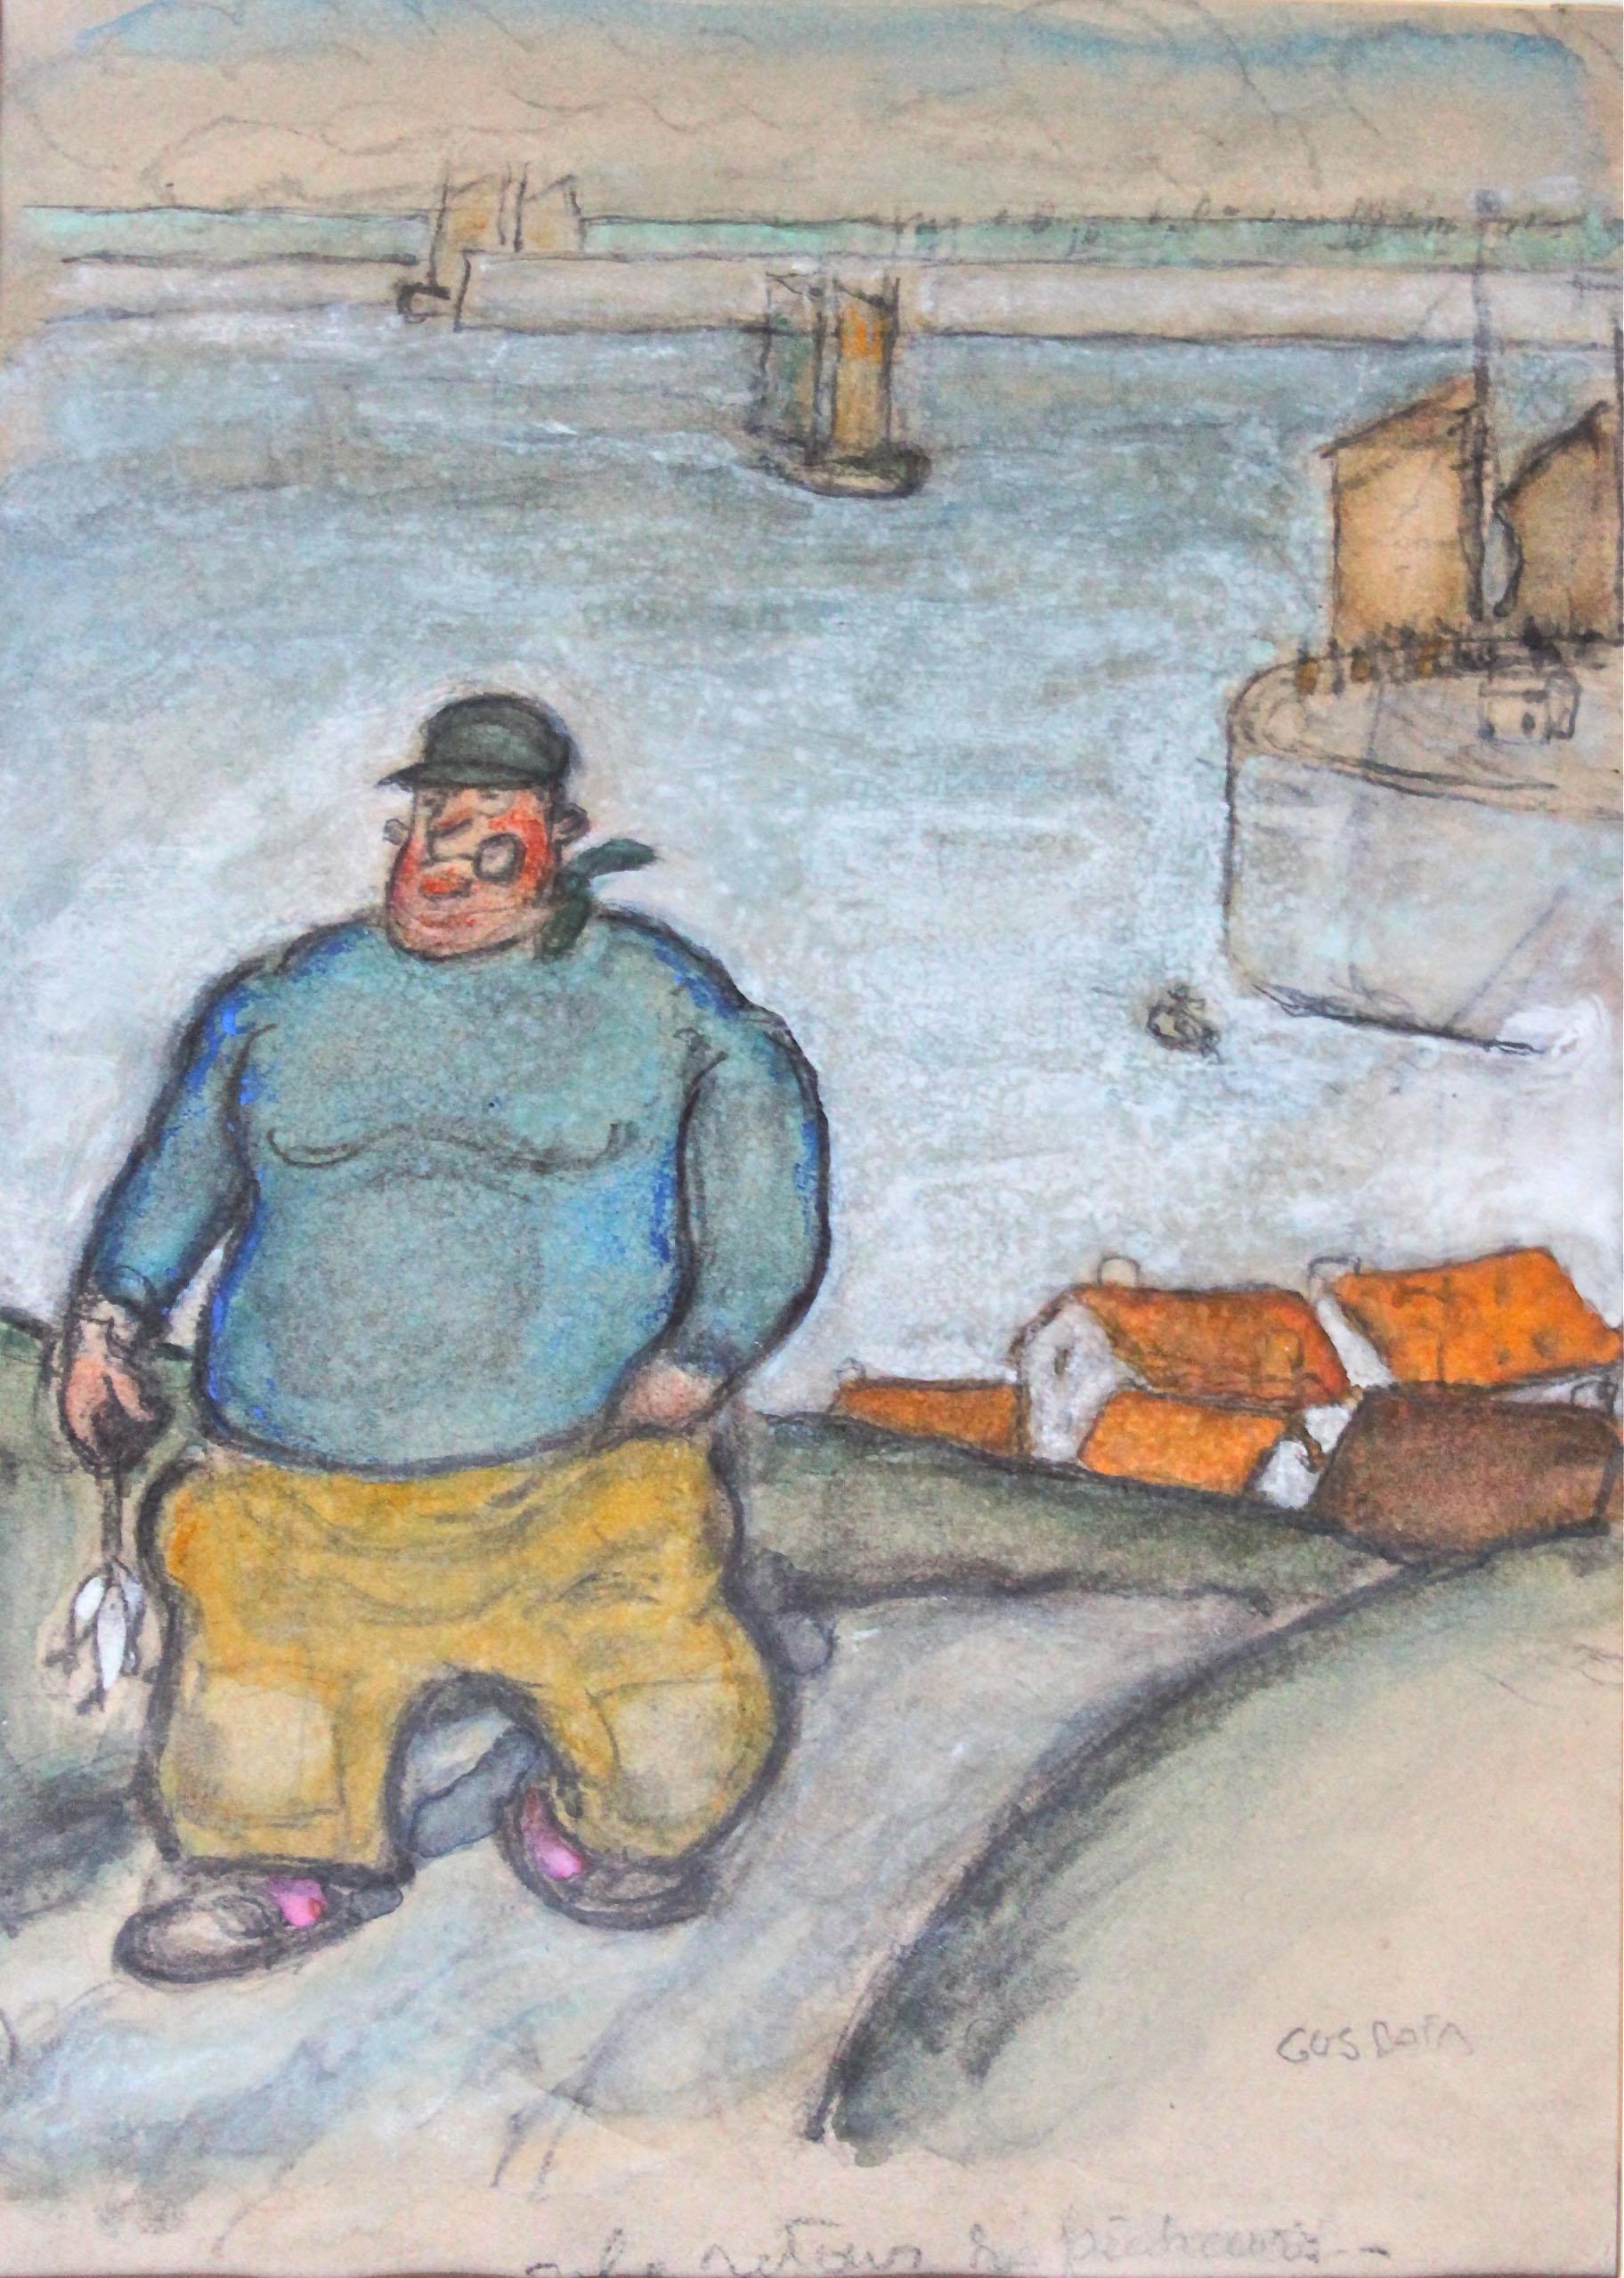 Le retour du pêcheur | Gus Bofa | Le retour du pêcheur